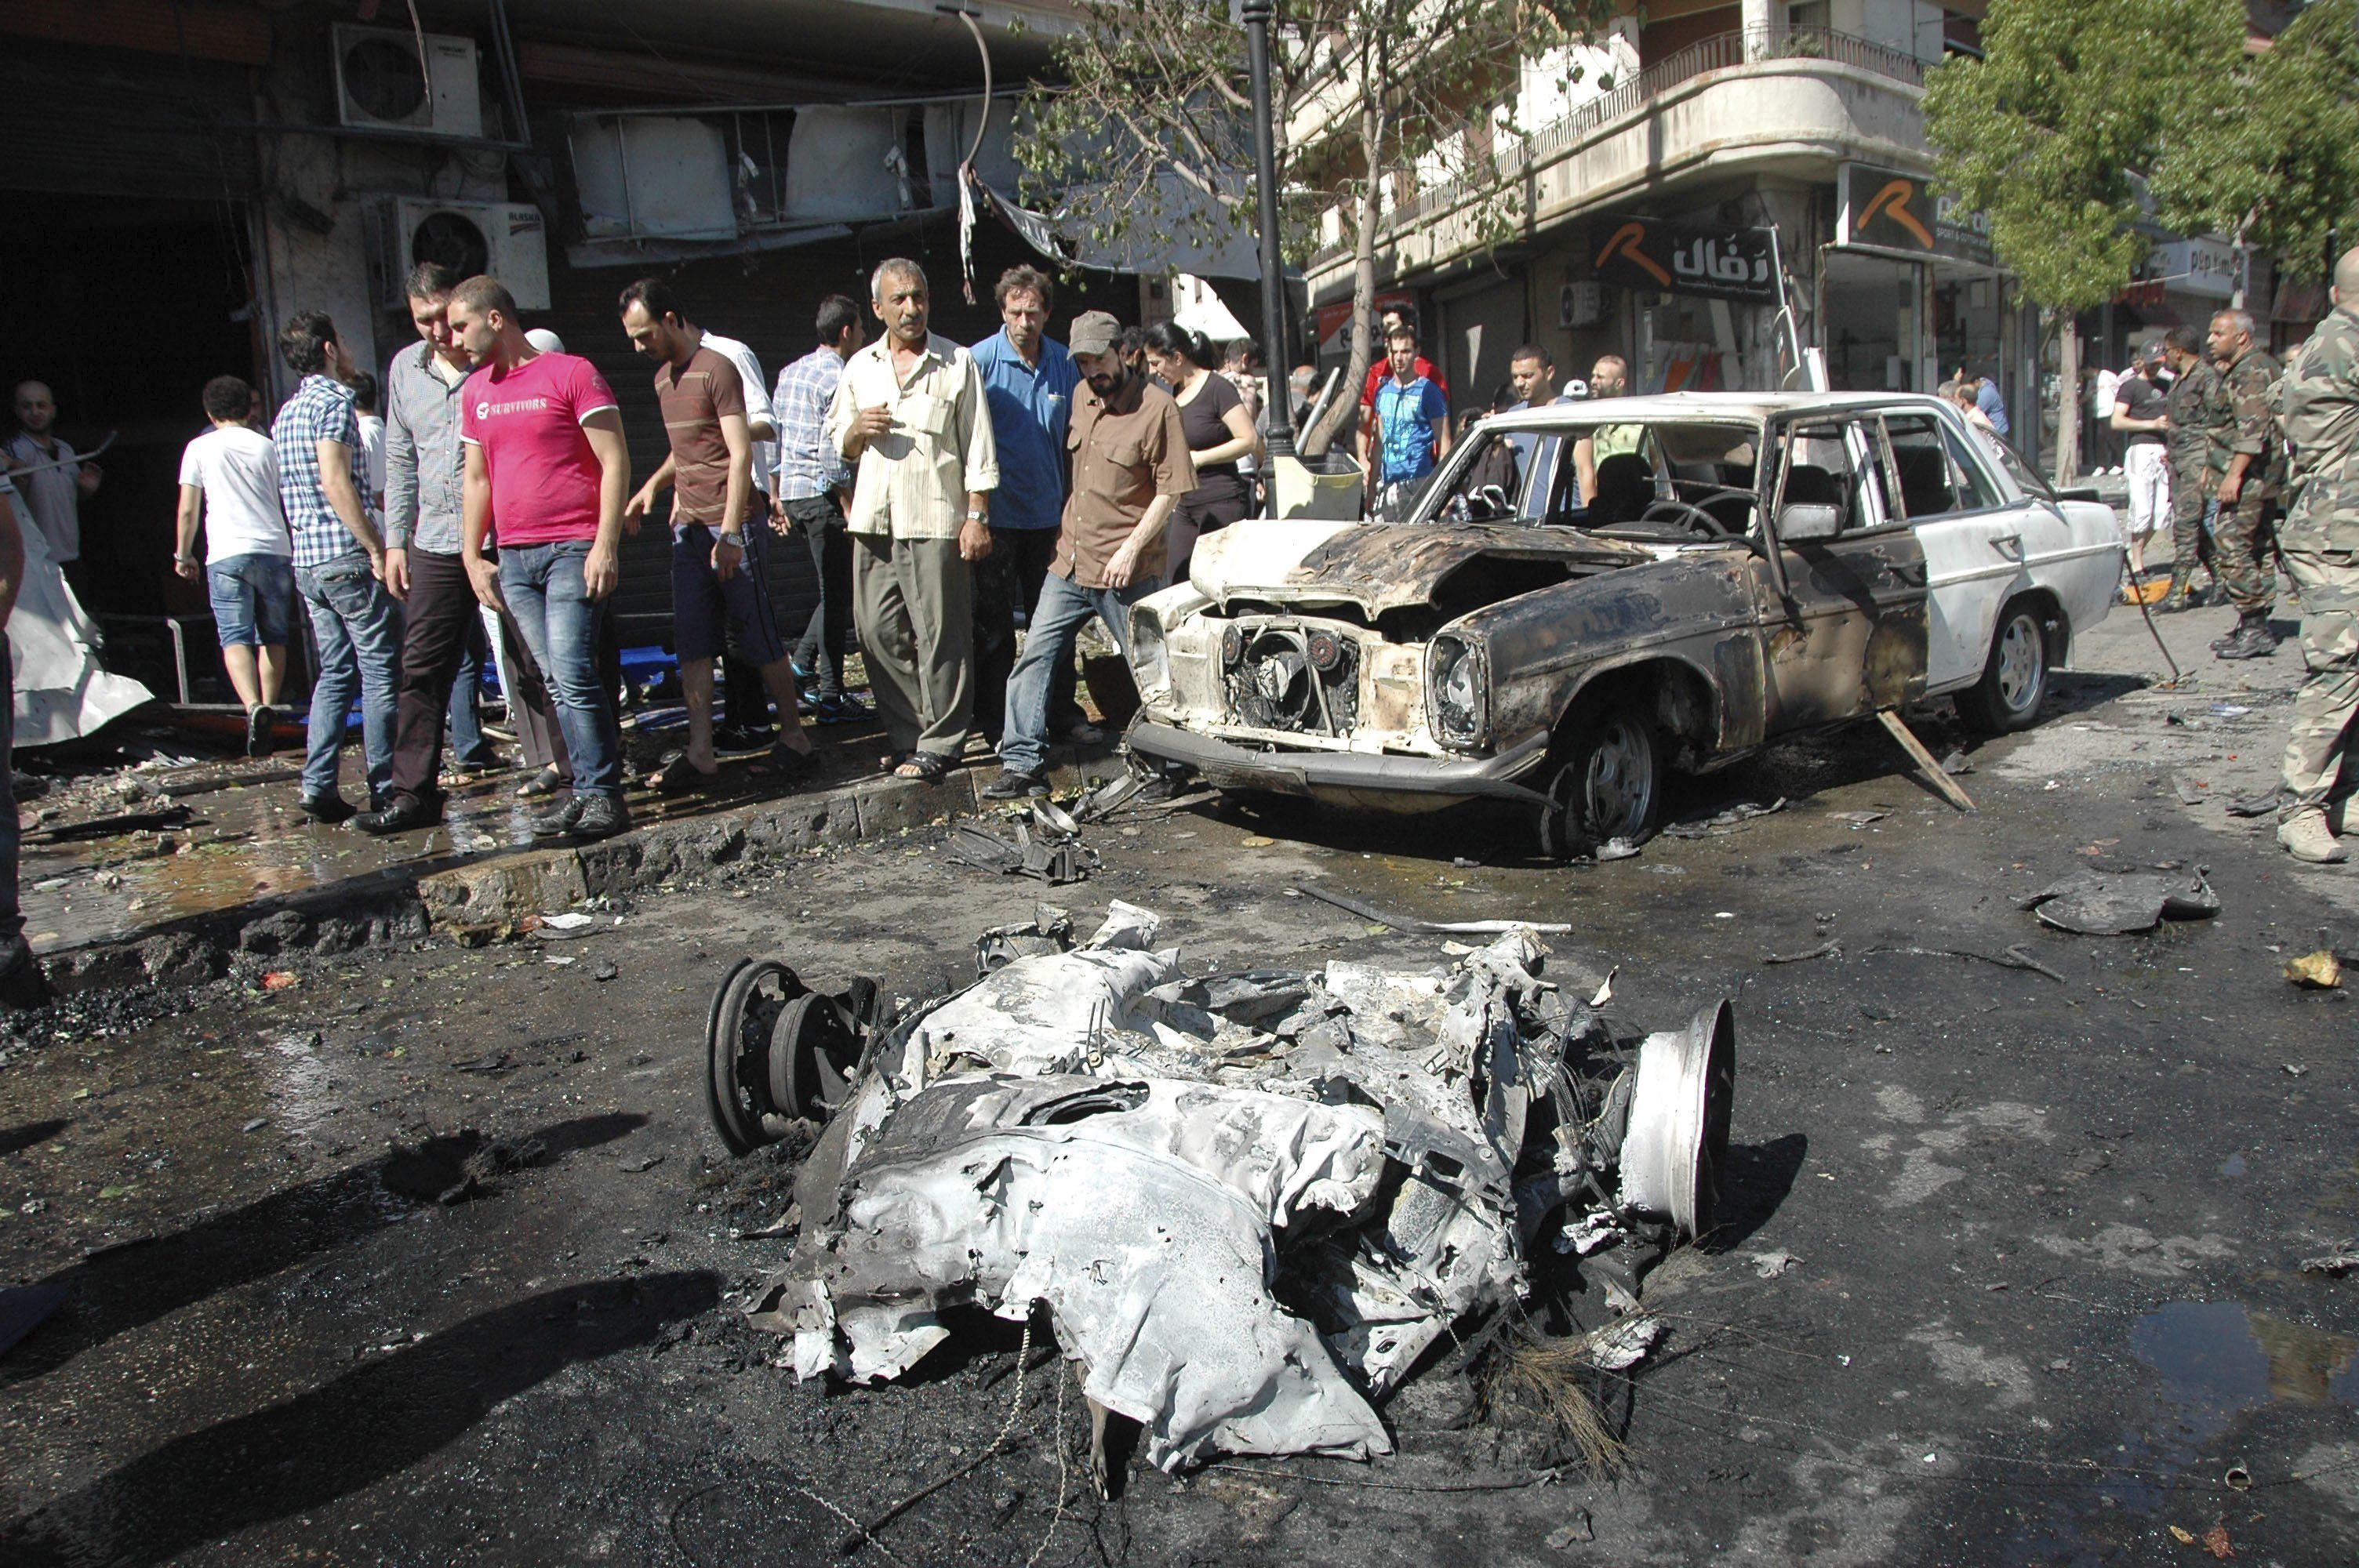 Unas 2.500 personas permanecen atrapadas en Homs sin ayuda humanitaria